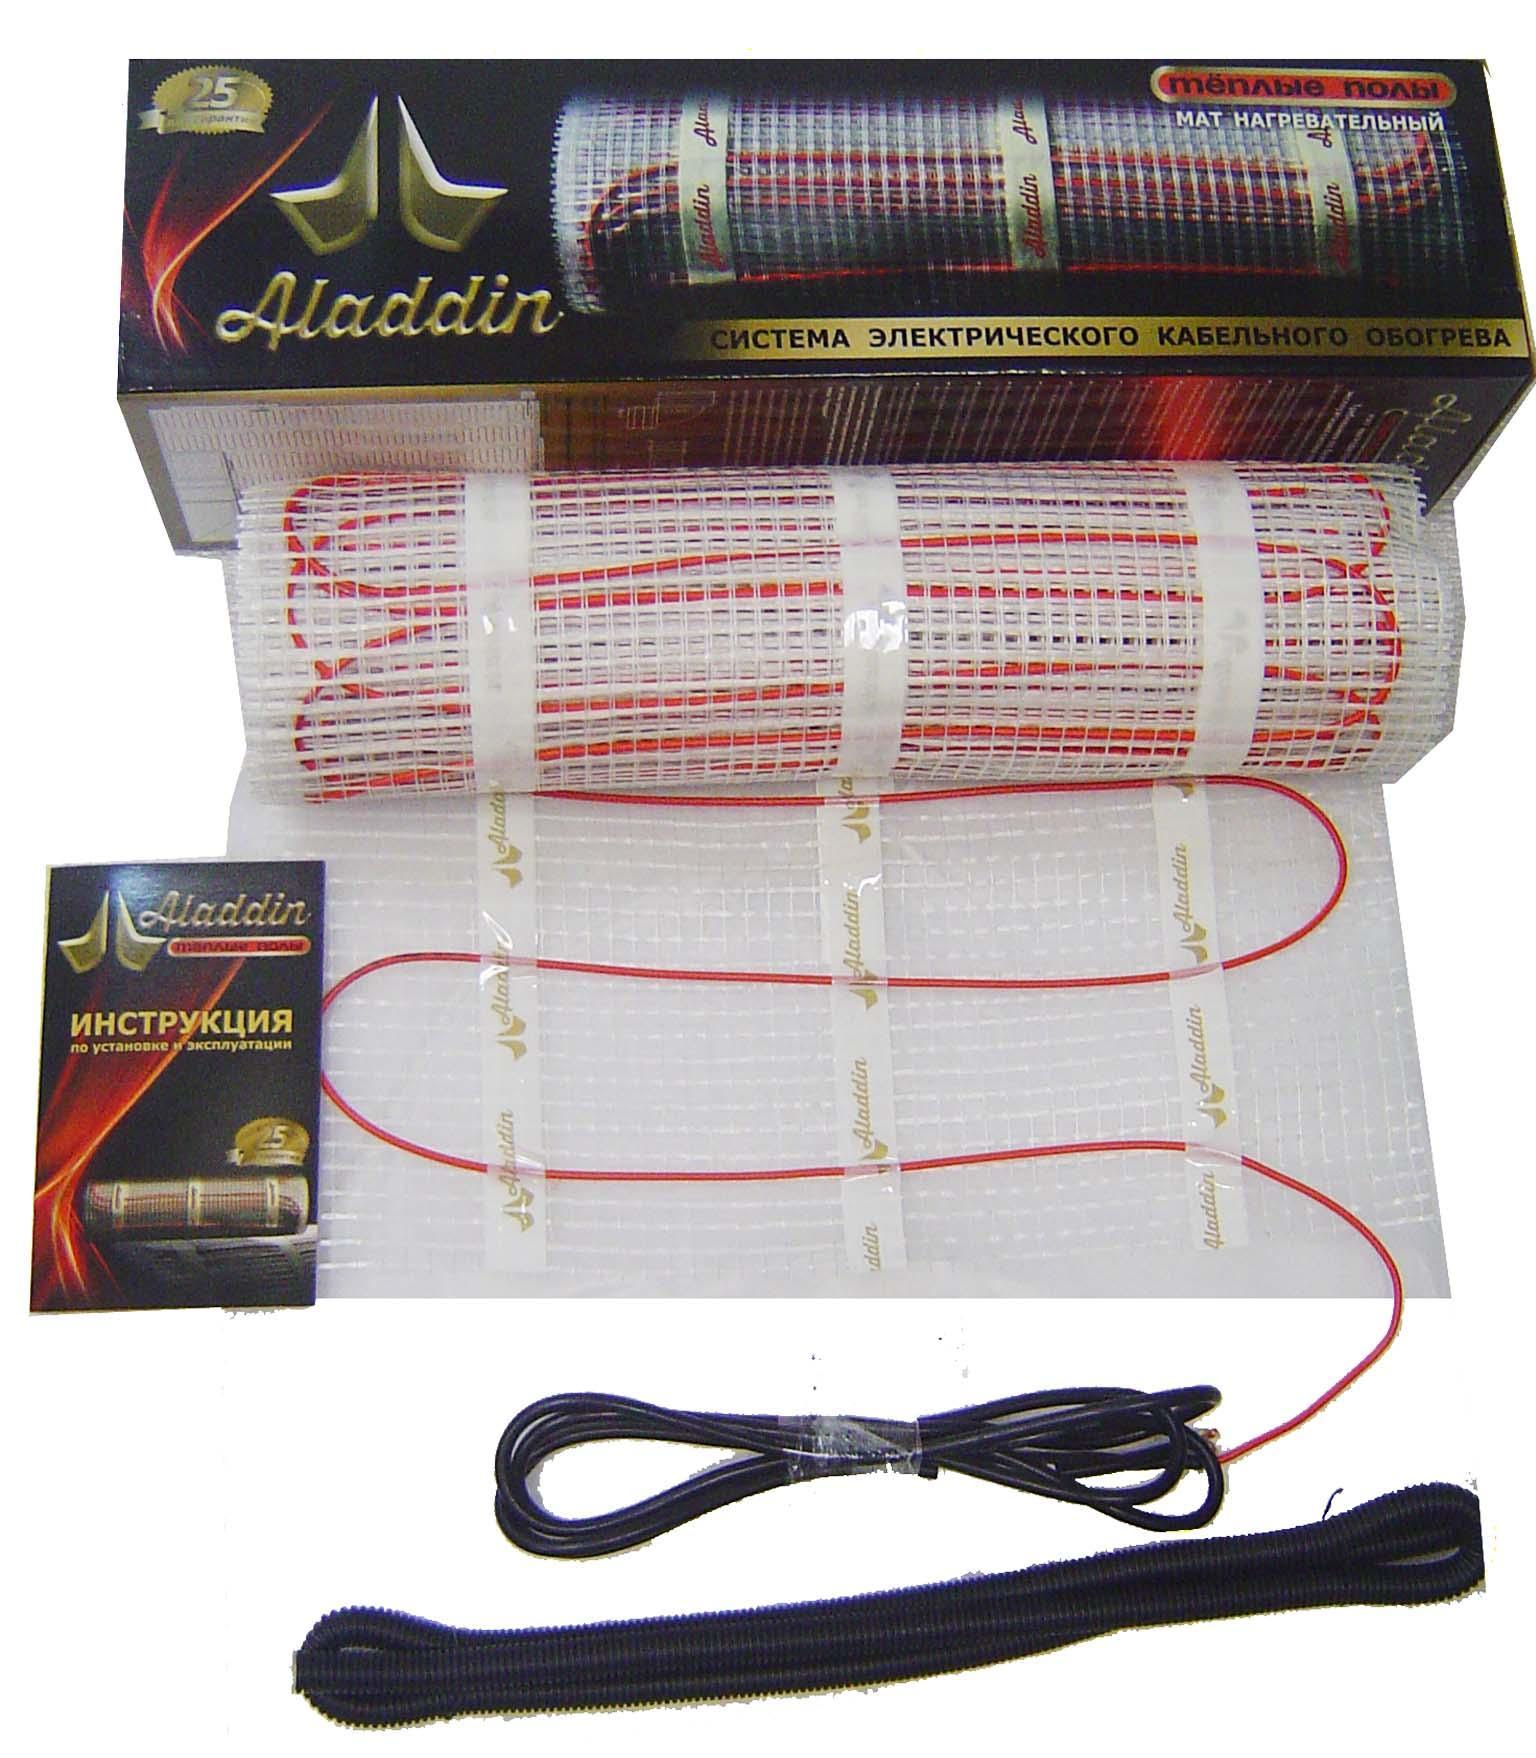 Нагревательный кабель ALADDIN HMT-4,5-675 Ватт